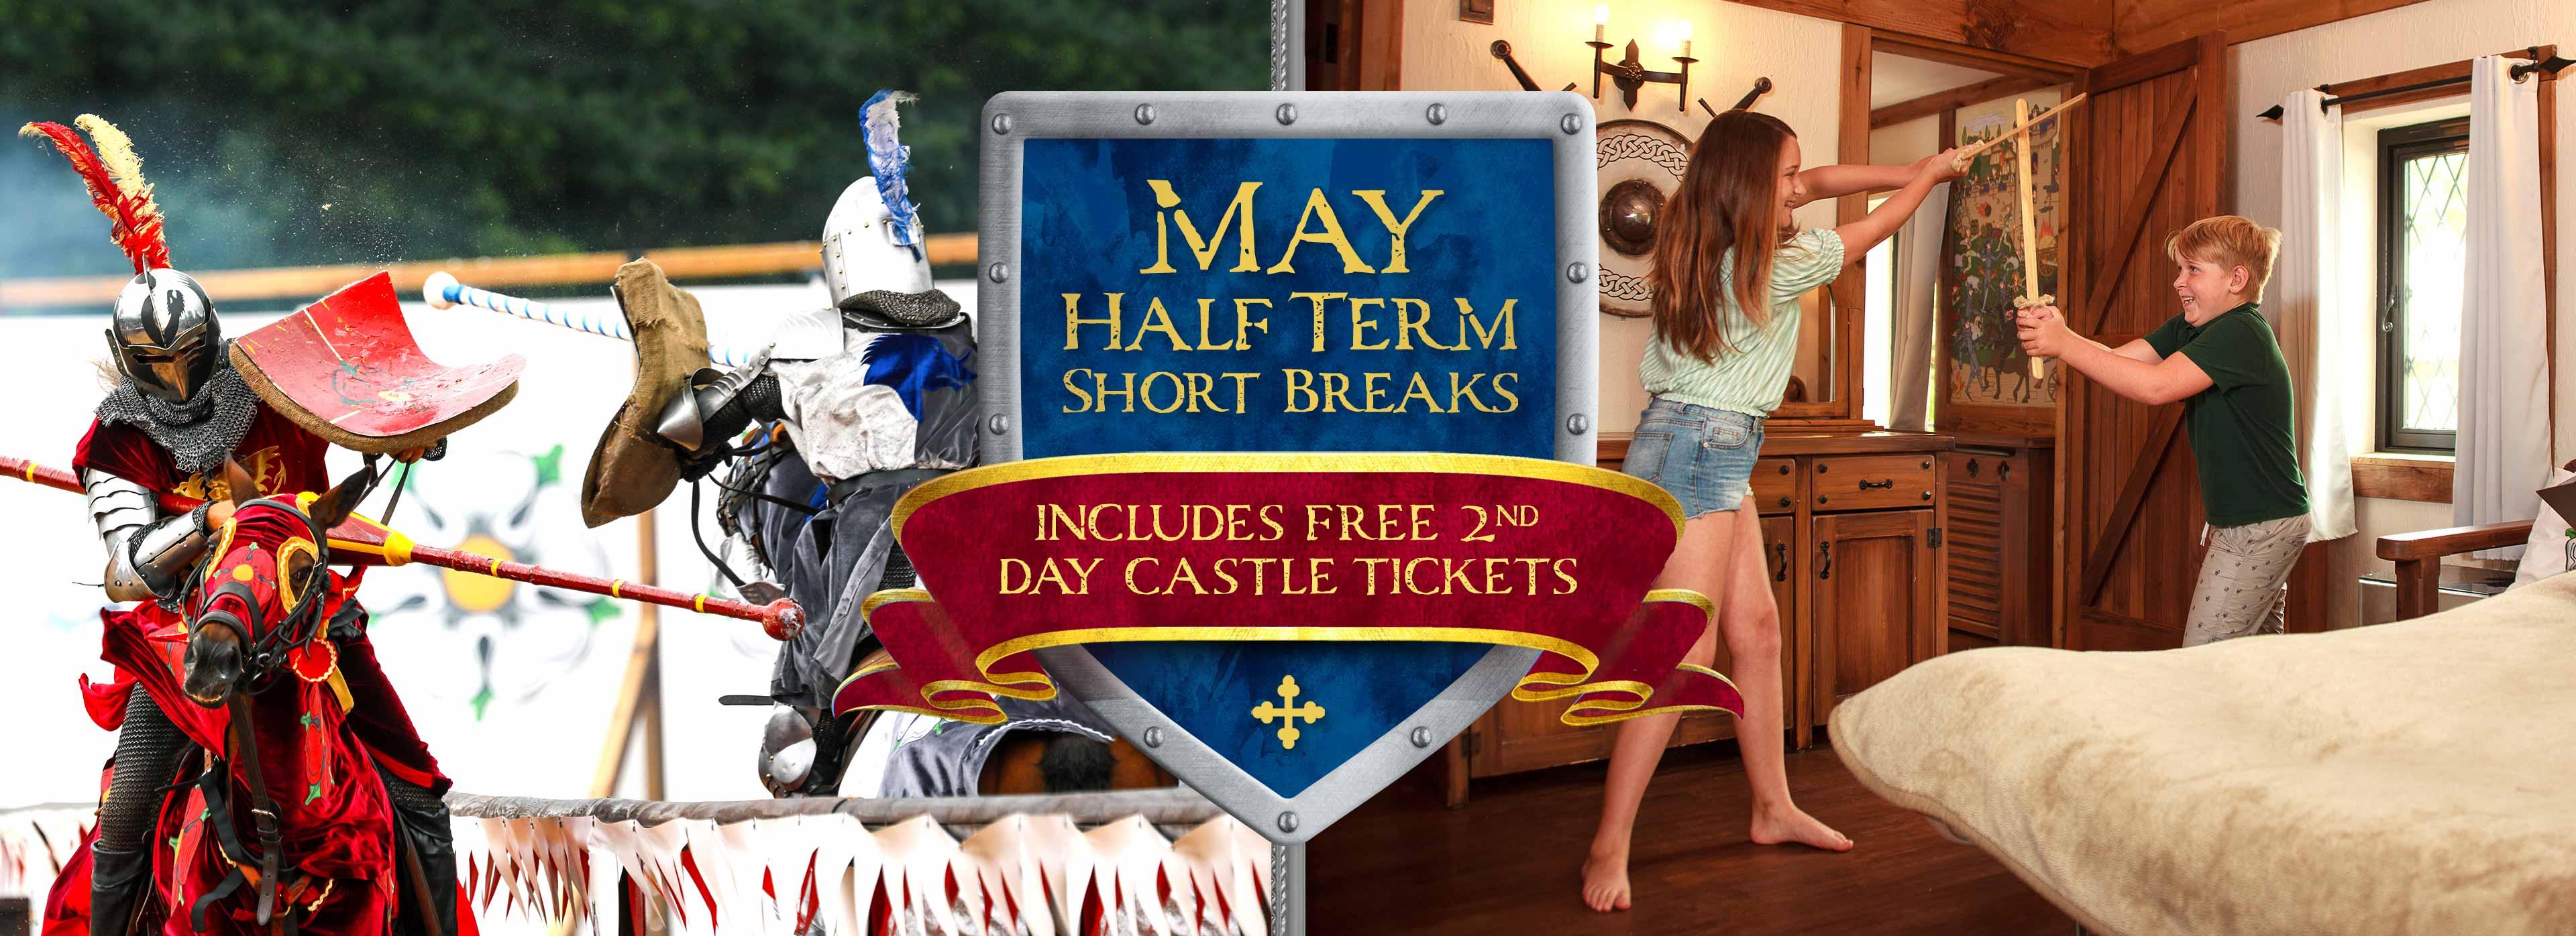 May Half Term breaks at Warwick Castle Breaks